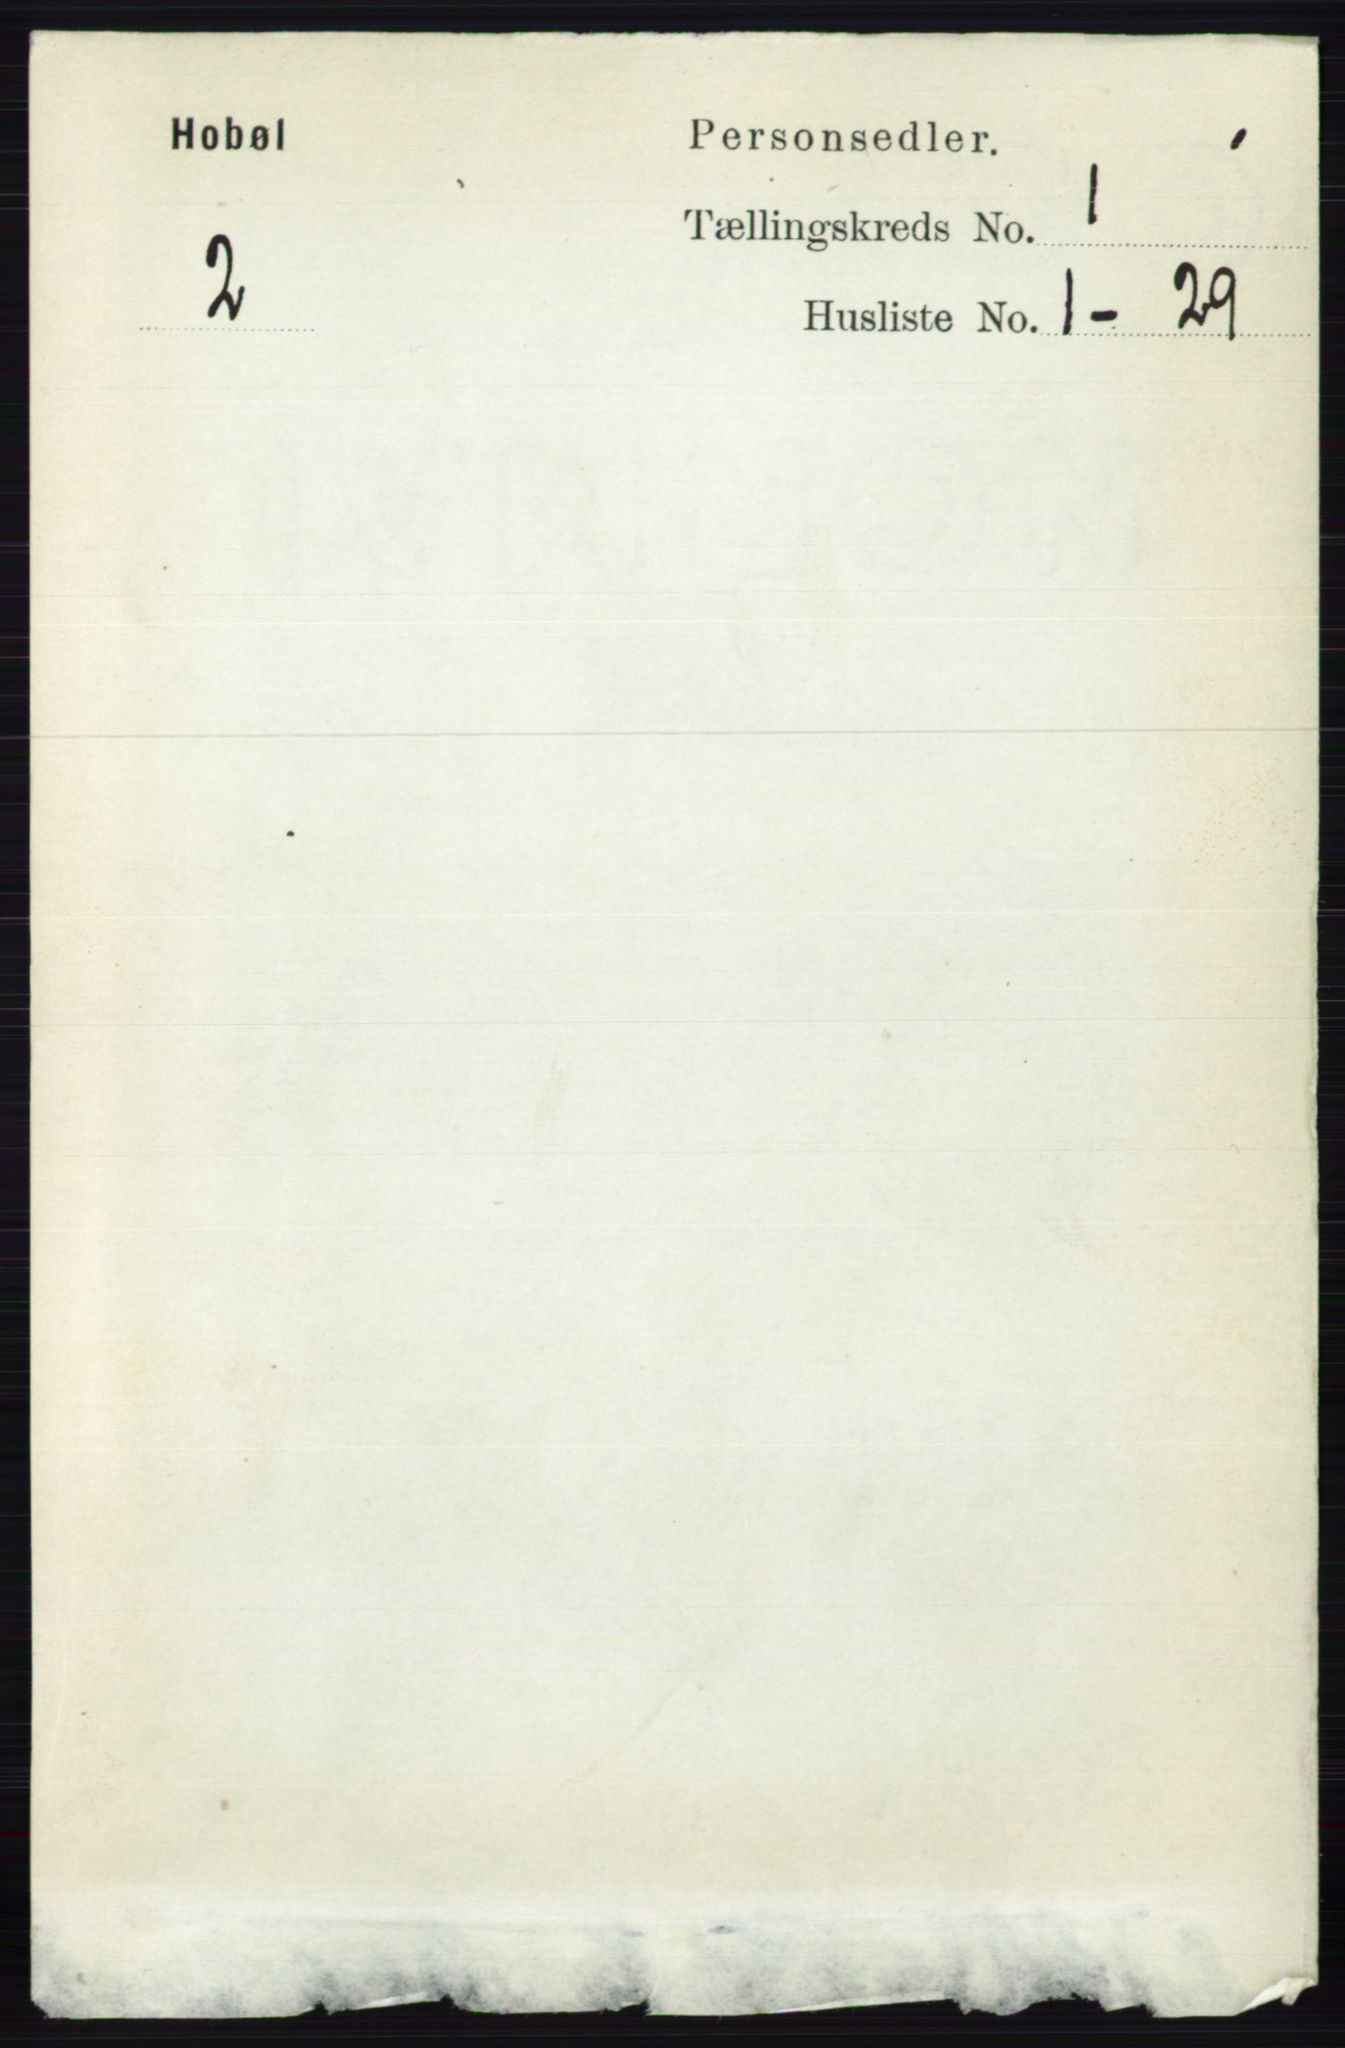 RA, Folketelling 1891 for 0138 Hobøl herred, 1891, s. 141